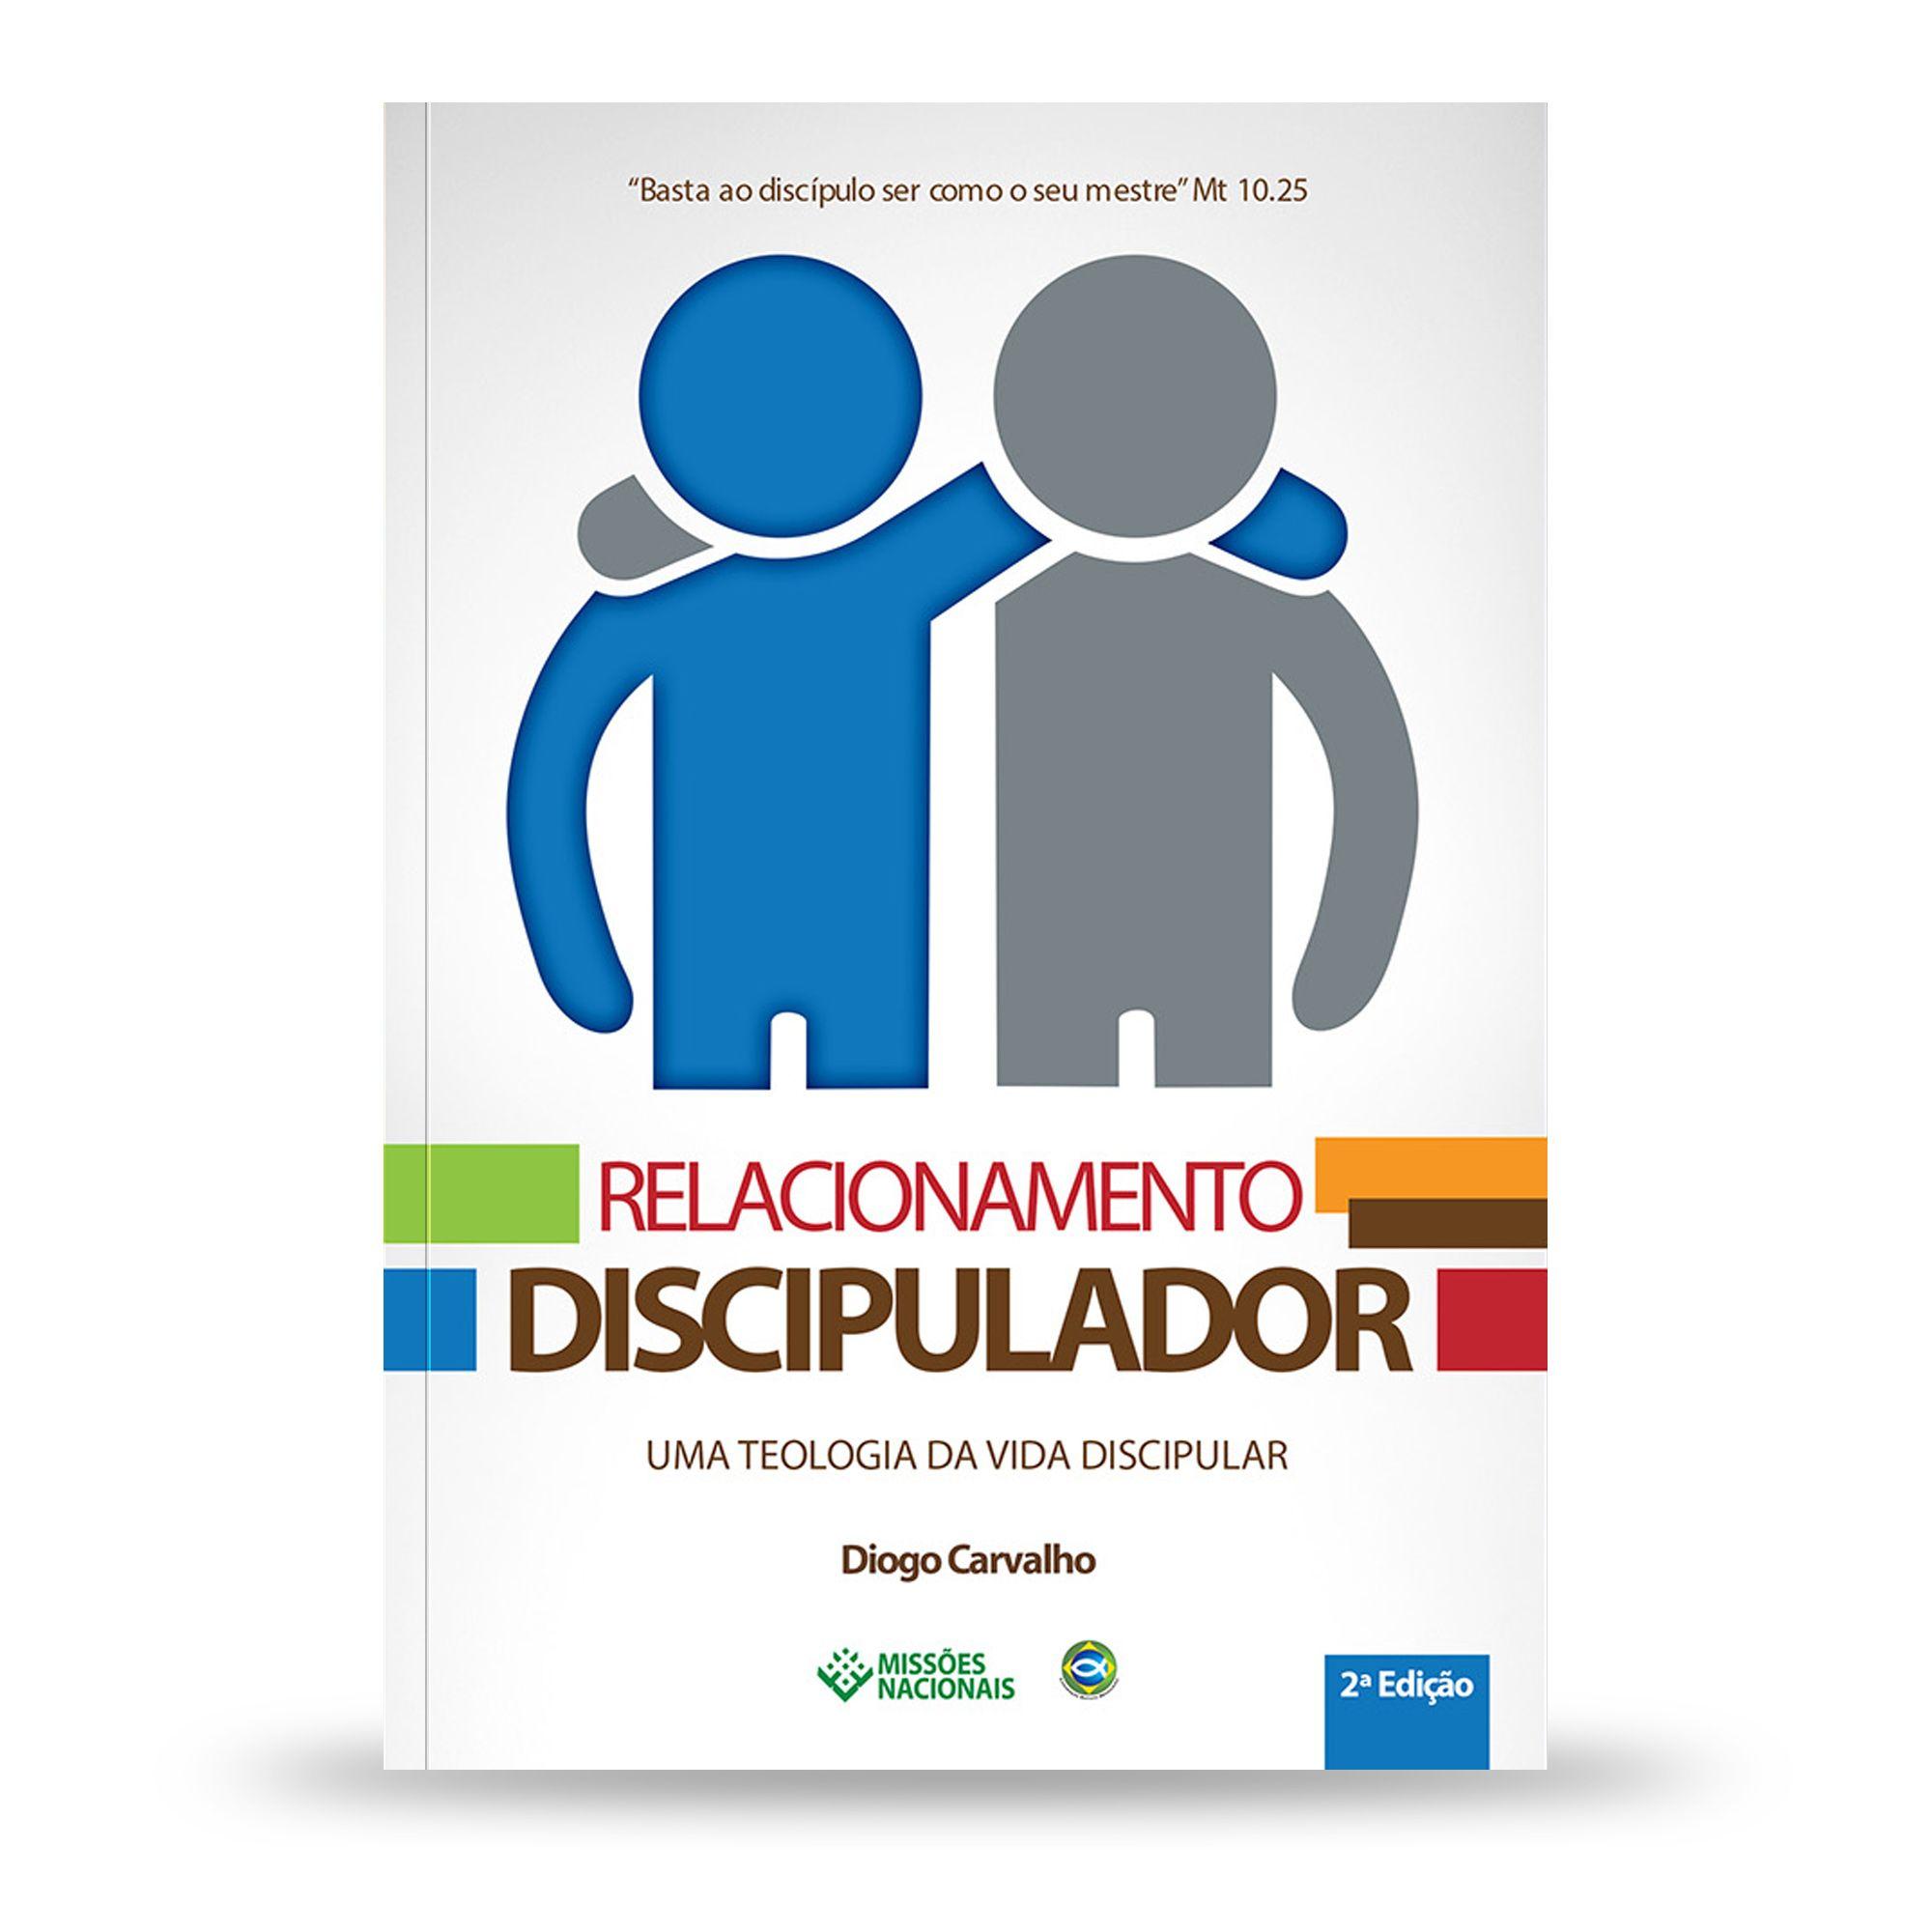 relacionamento_discipulador_uma_teologia_da_vida_discipular_289_1_20180613152730.jpg